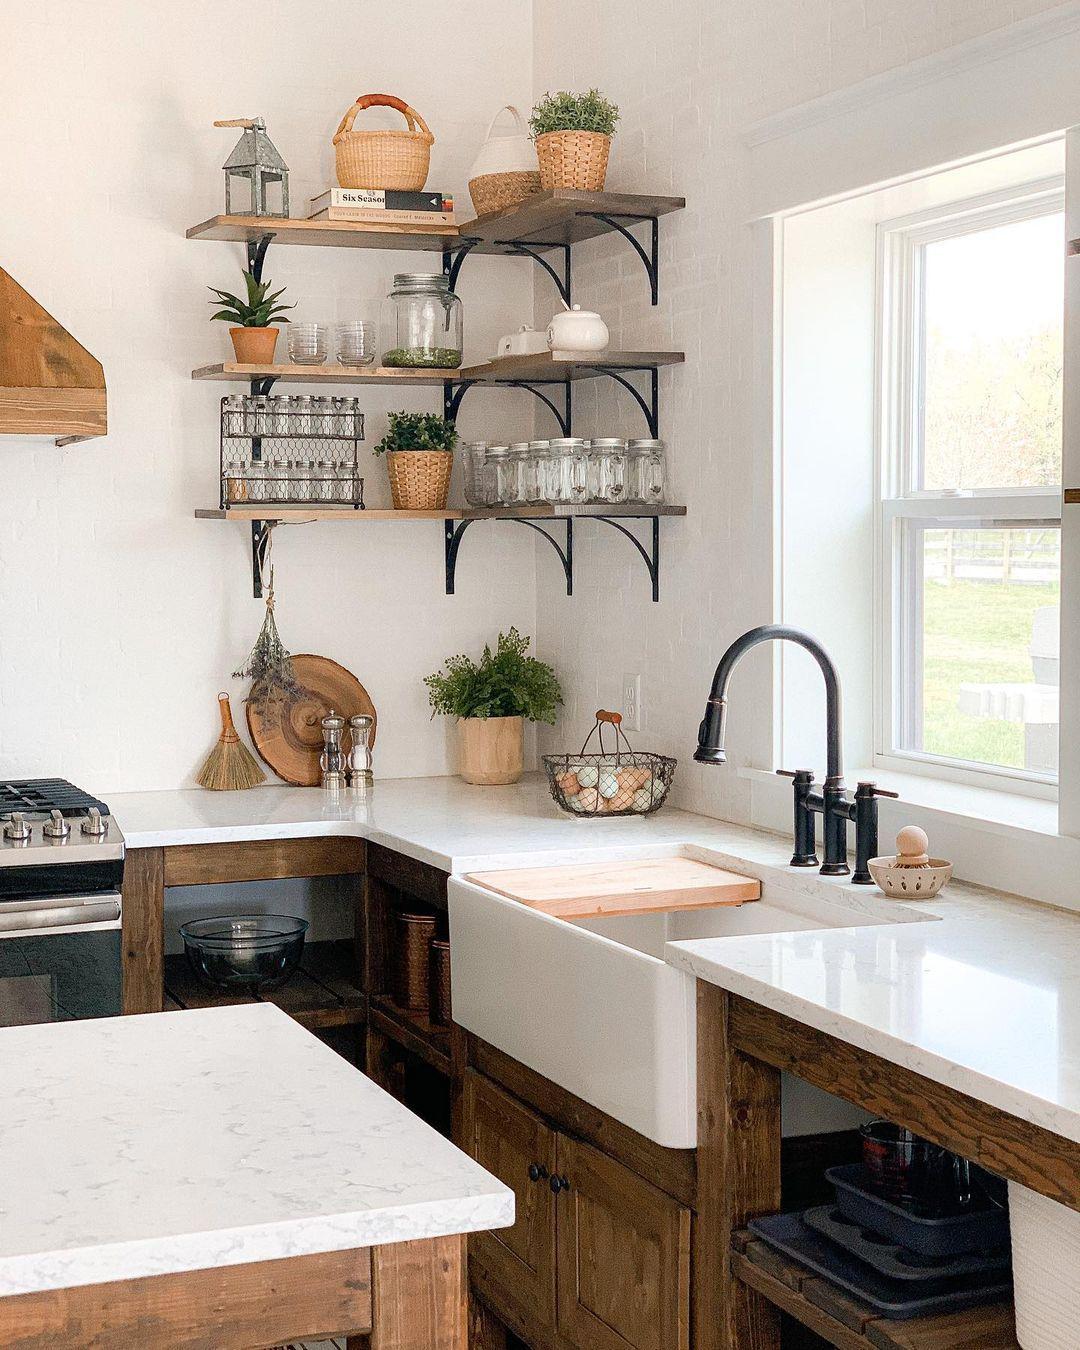 Bauernhausküche mit rustikalen Holzschränken @sugarmaplefarmhouse